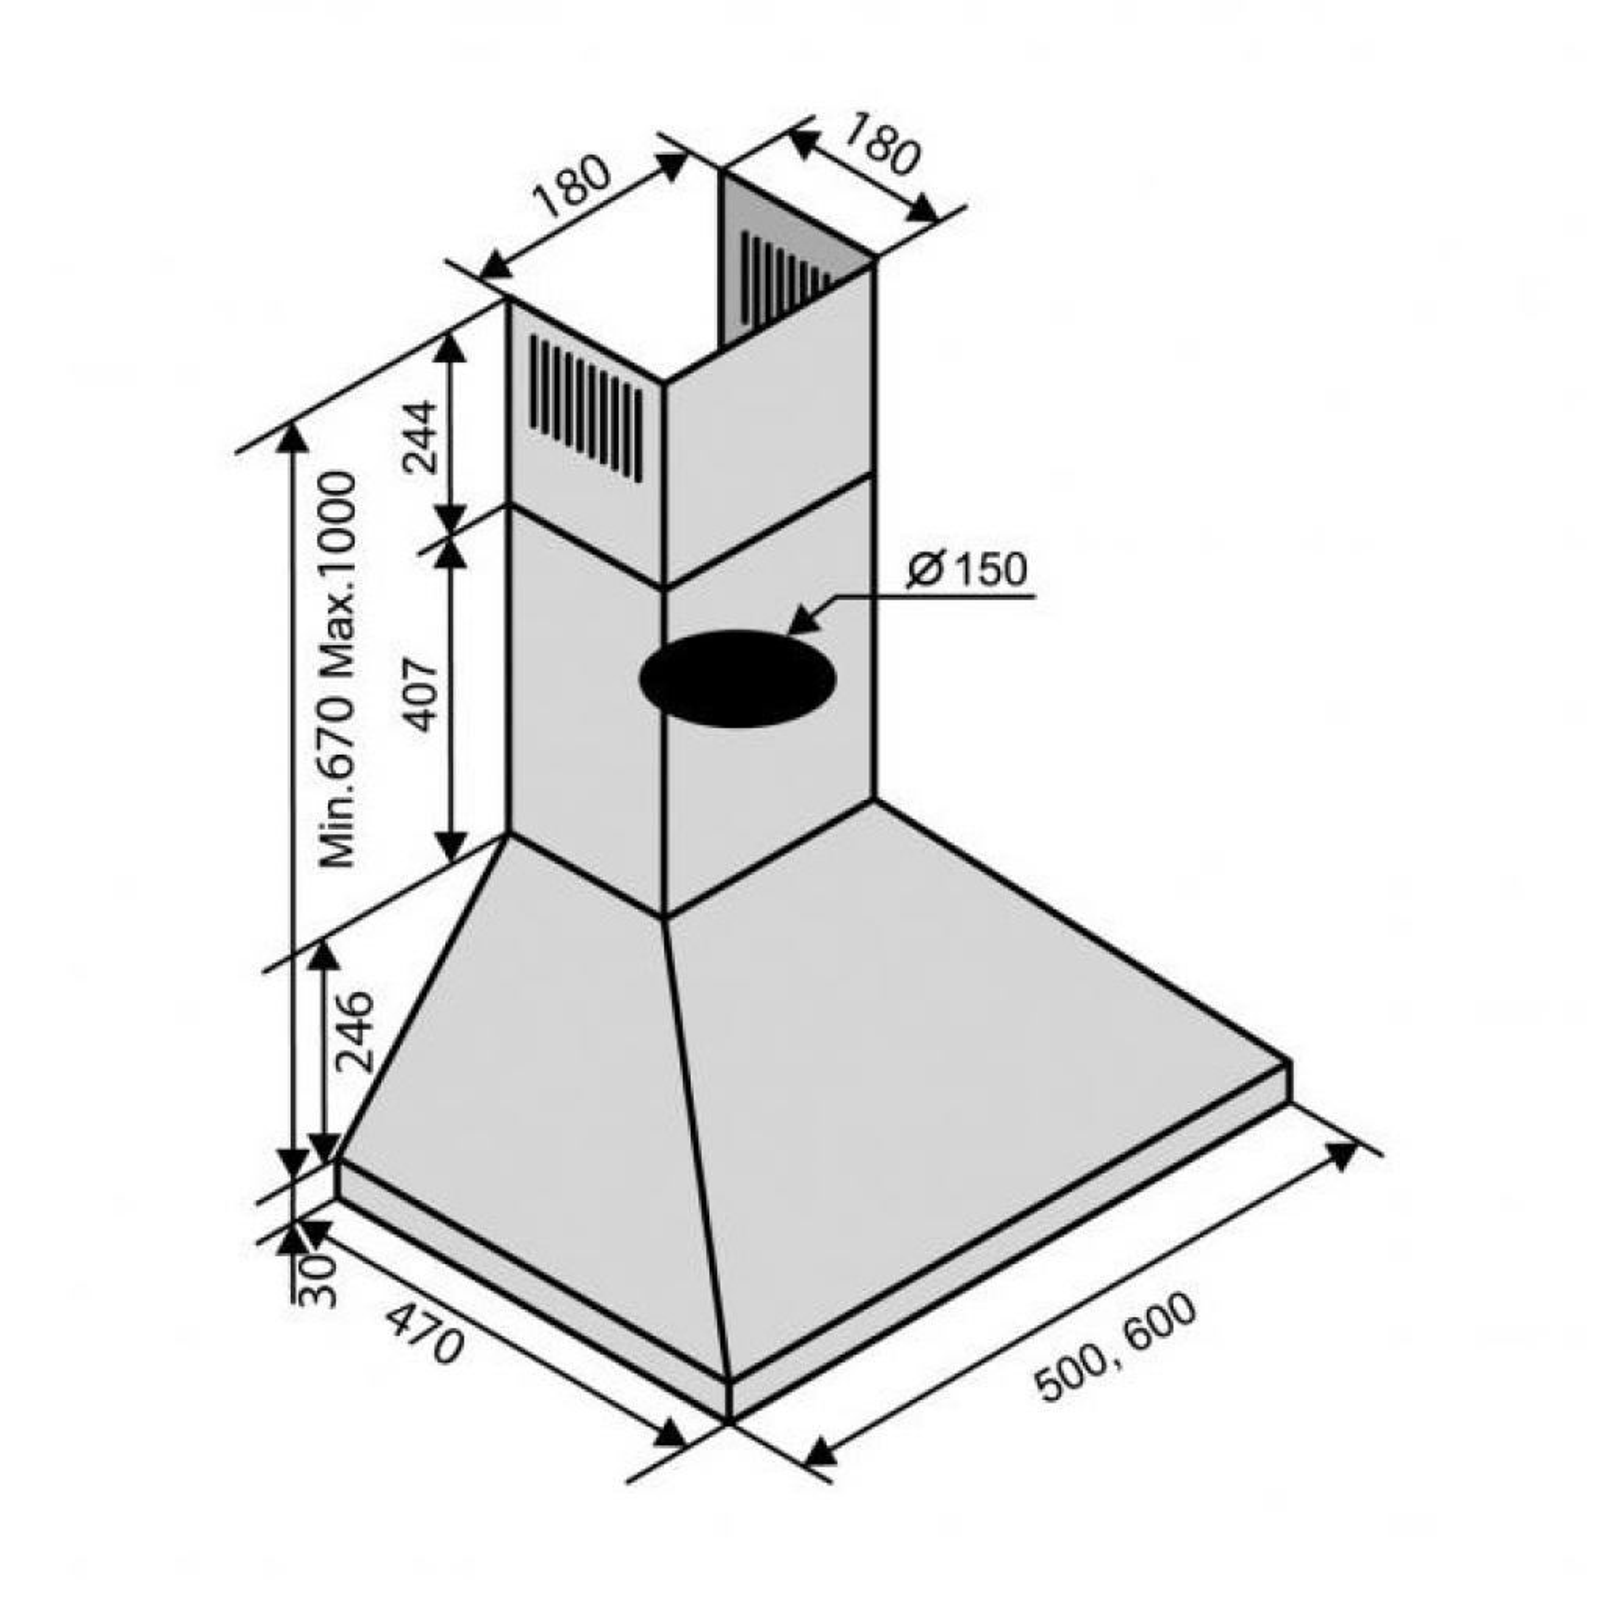 Вытяжка кухонная VENTOLUX MILANO 60 OW (750) IT изображение 2